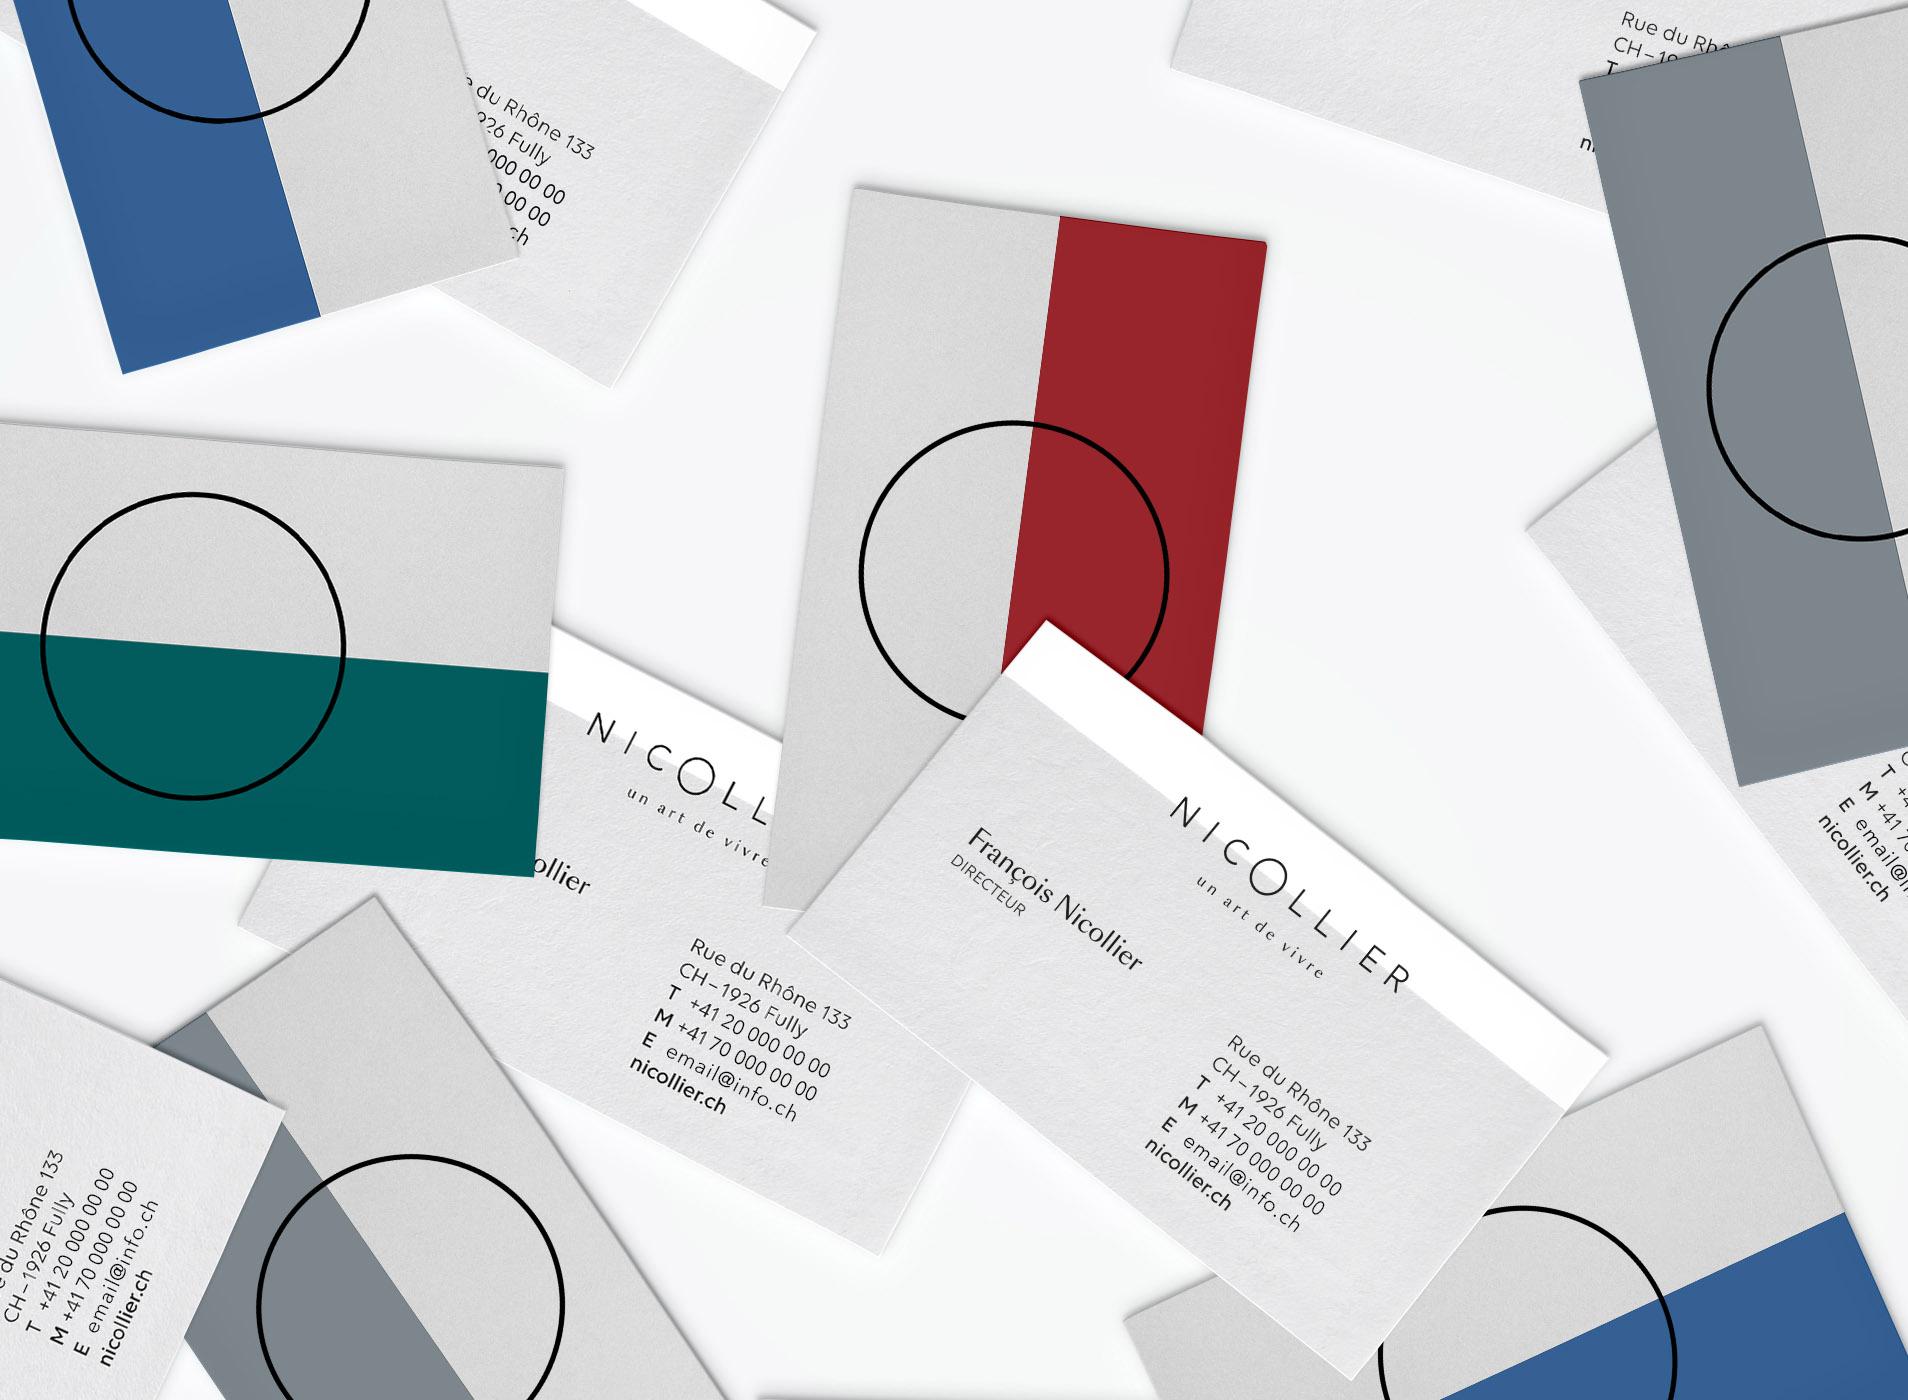 Variété de cartes de visite Nicollier